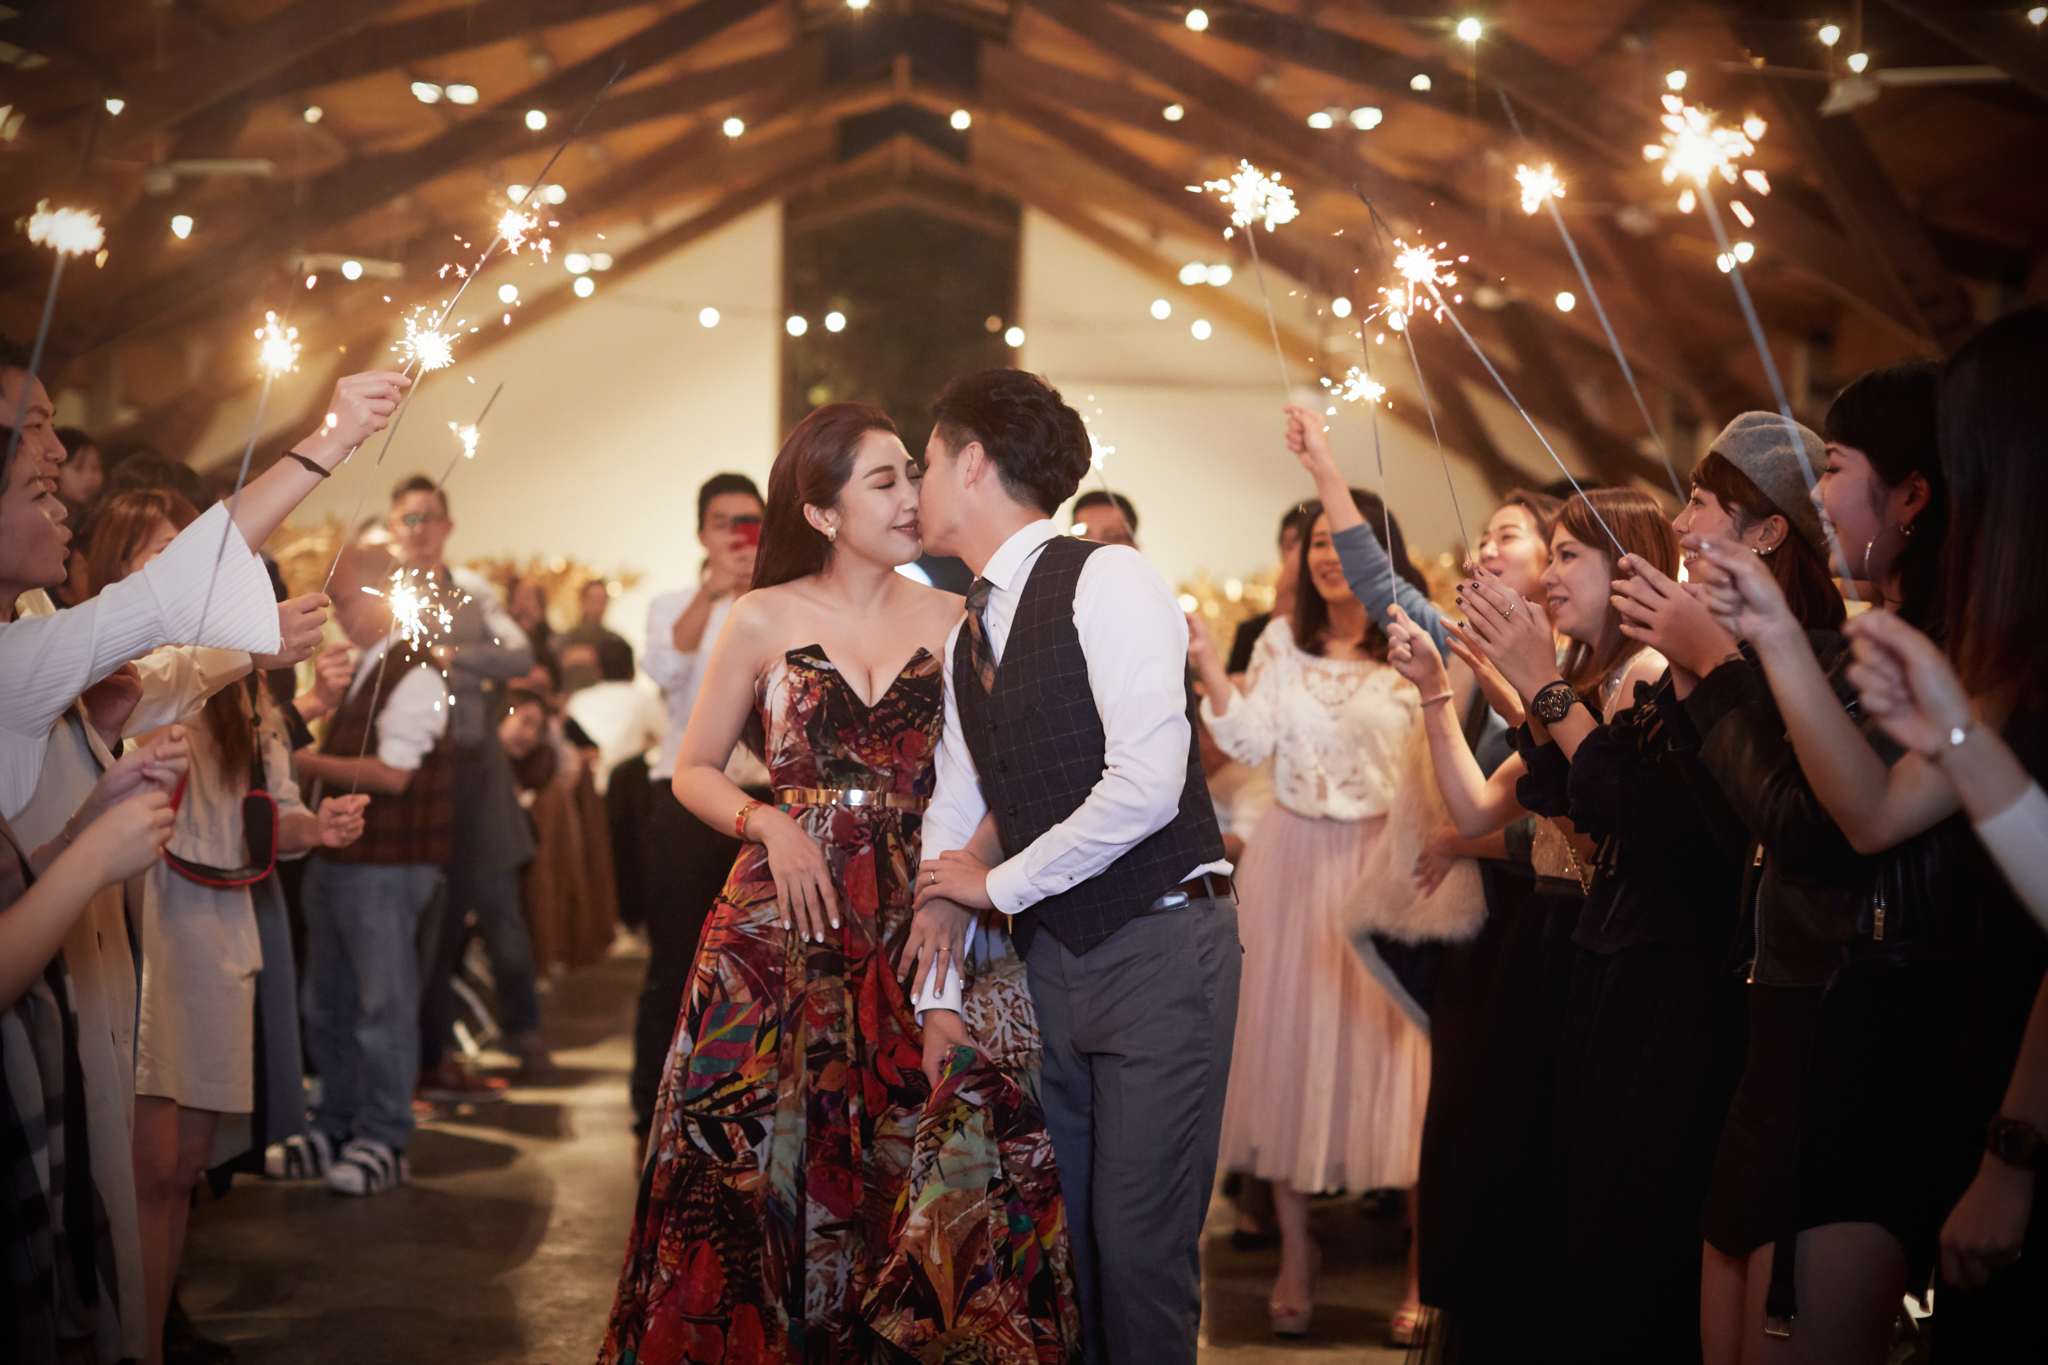 顏牧牧場婚禮, 婚攝推薦,台中婚攝,後院婚禮,戶外婚禮,美式婚禮-130